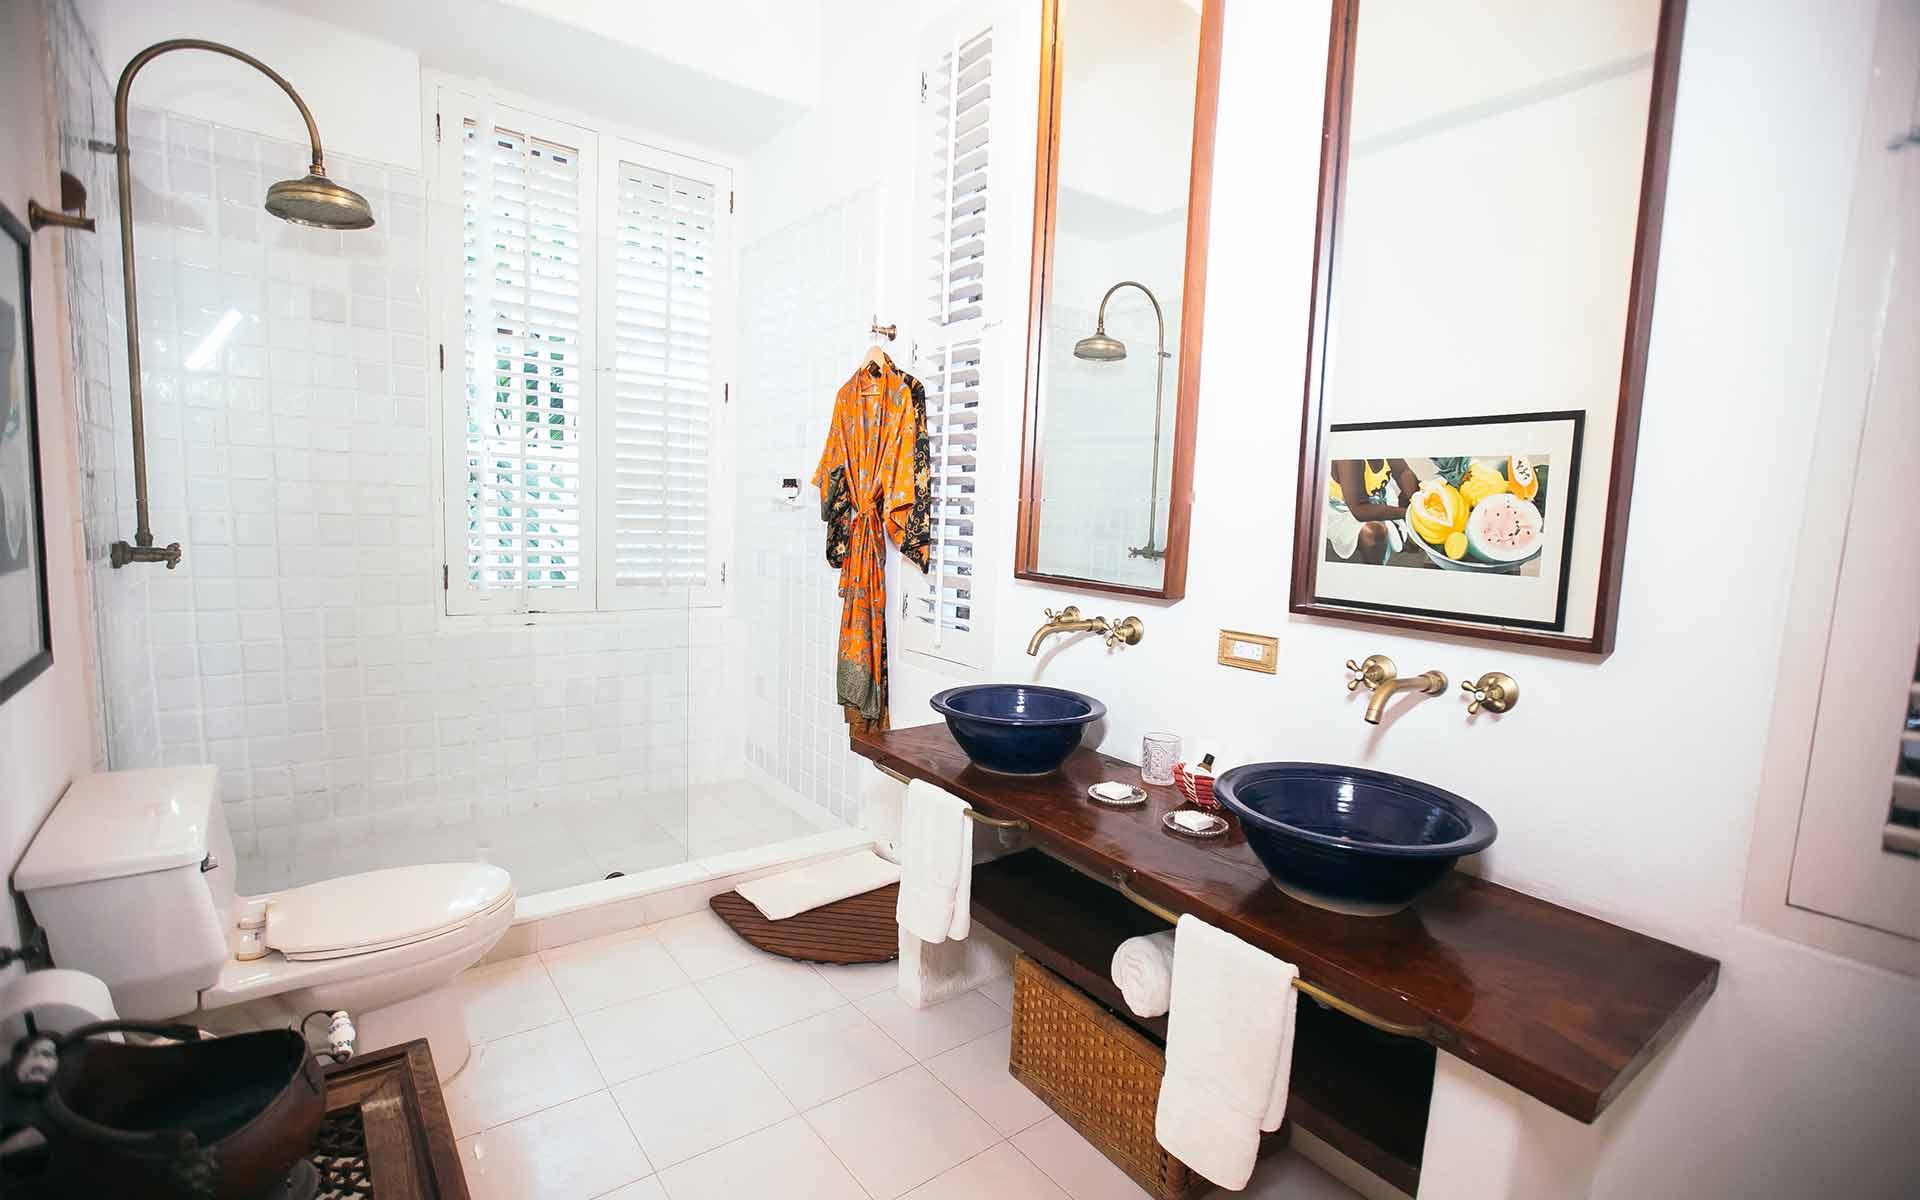 Cuarto de baño con baldosas blancas, dos lavabos independientes azules y una enorme ducha con baldosas blancas